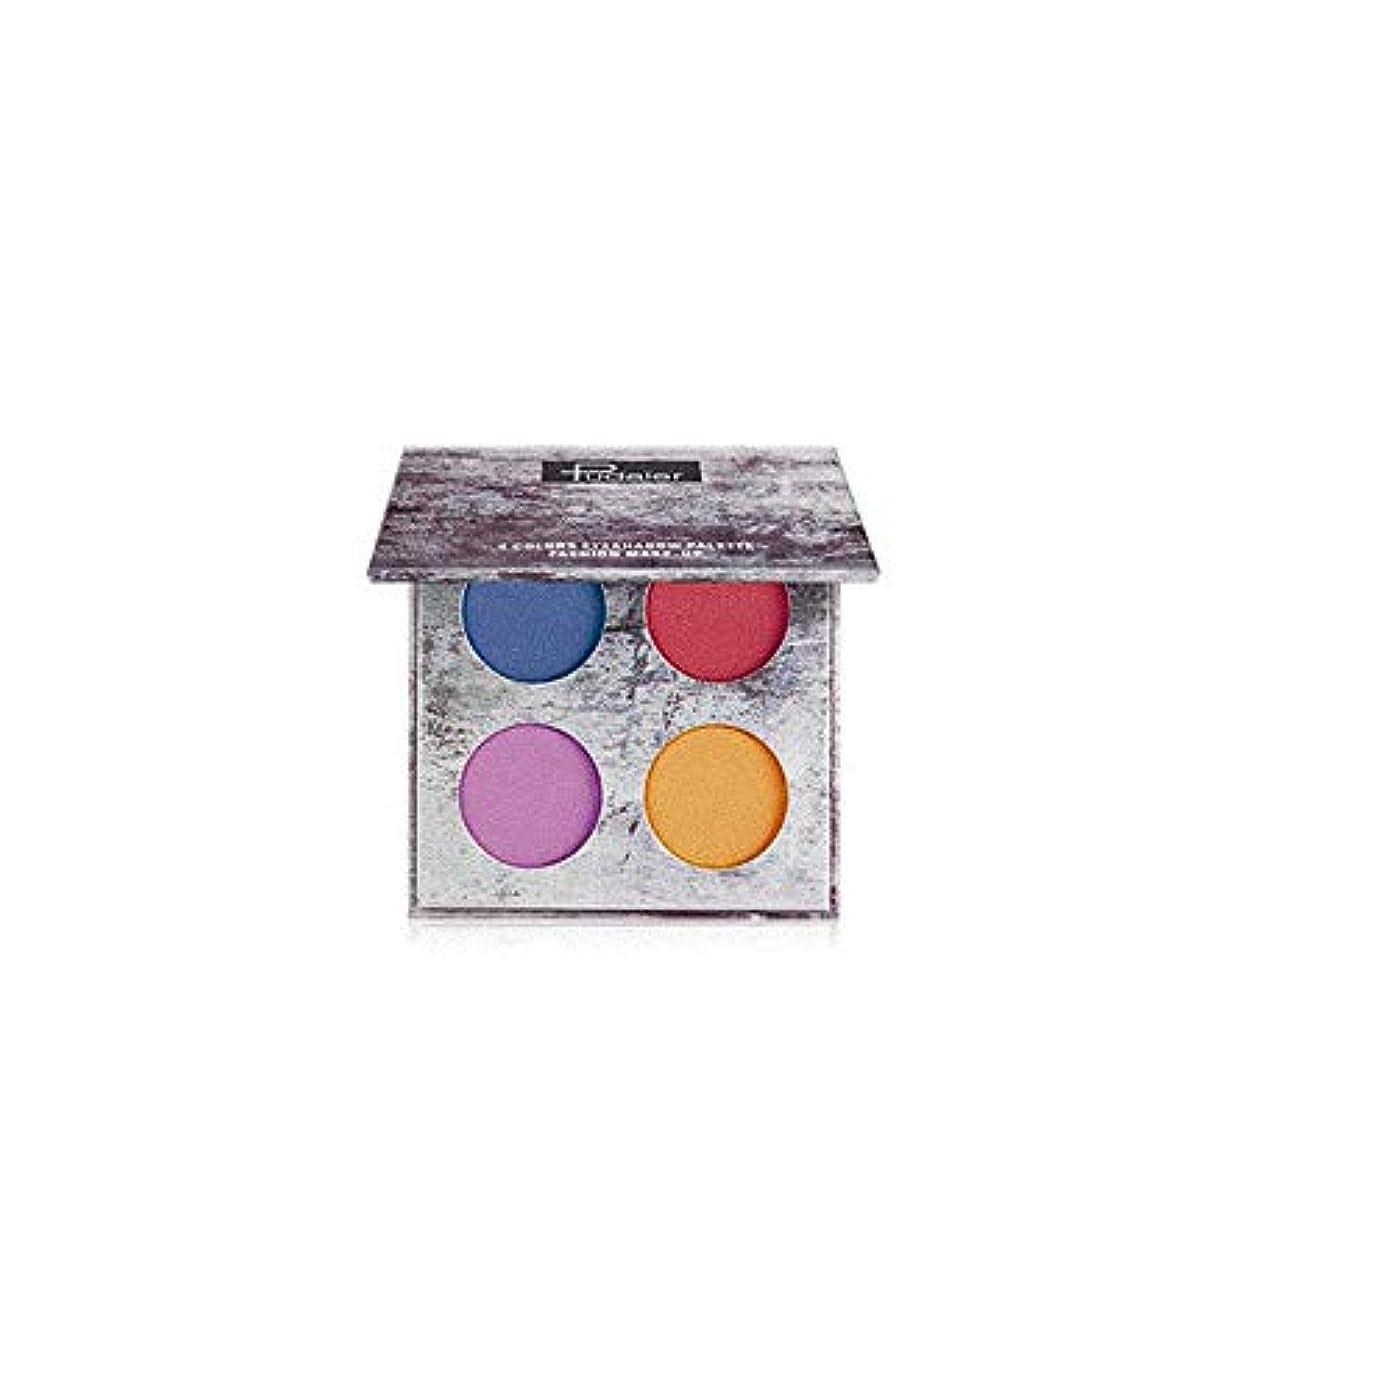 スリラー変更可能冷えるLazayyii 4色アイシャドウ アイシャドウパレット 化粧品 マット (C)